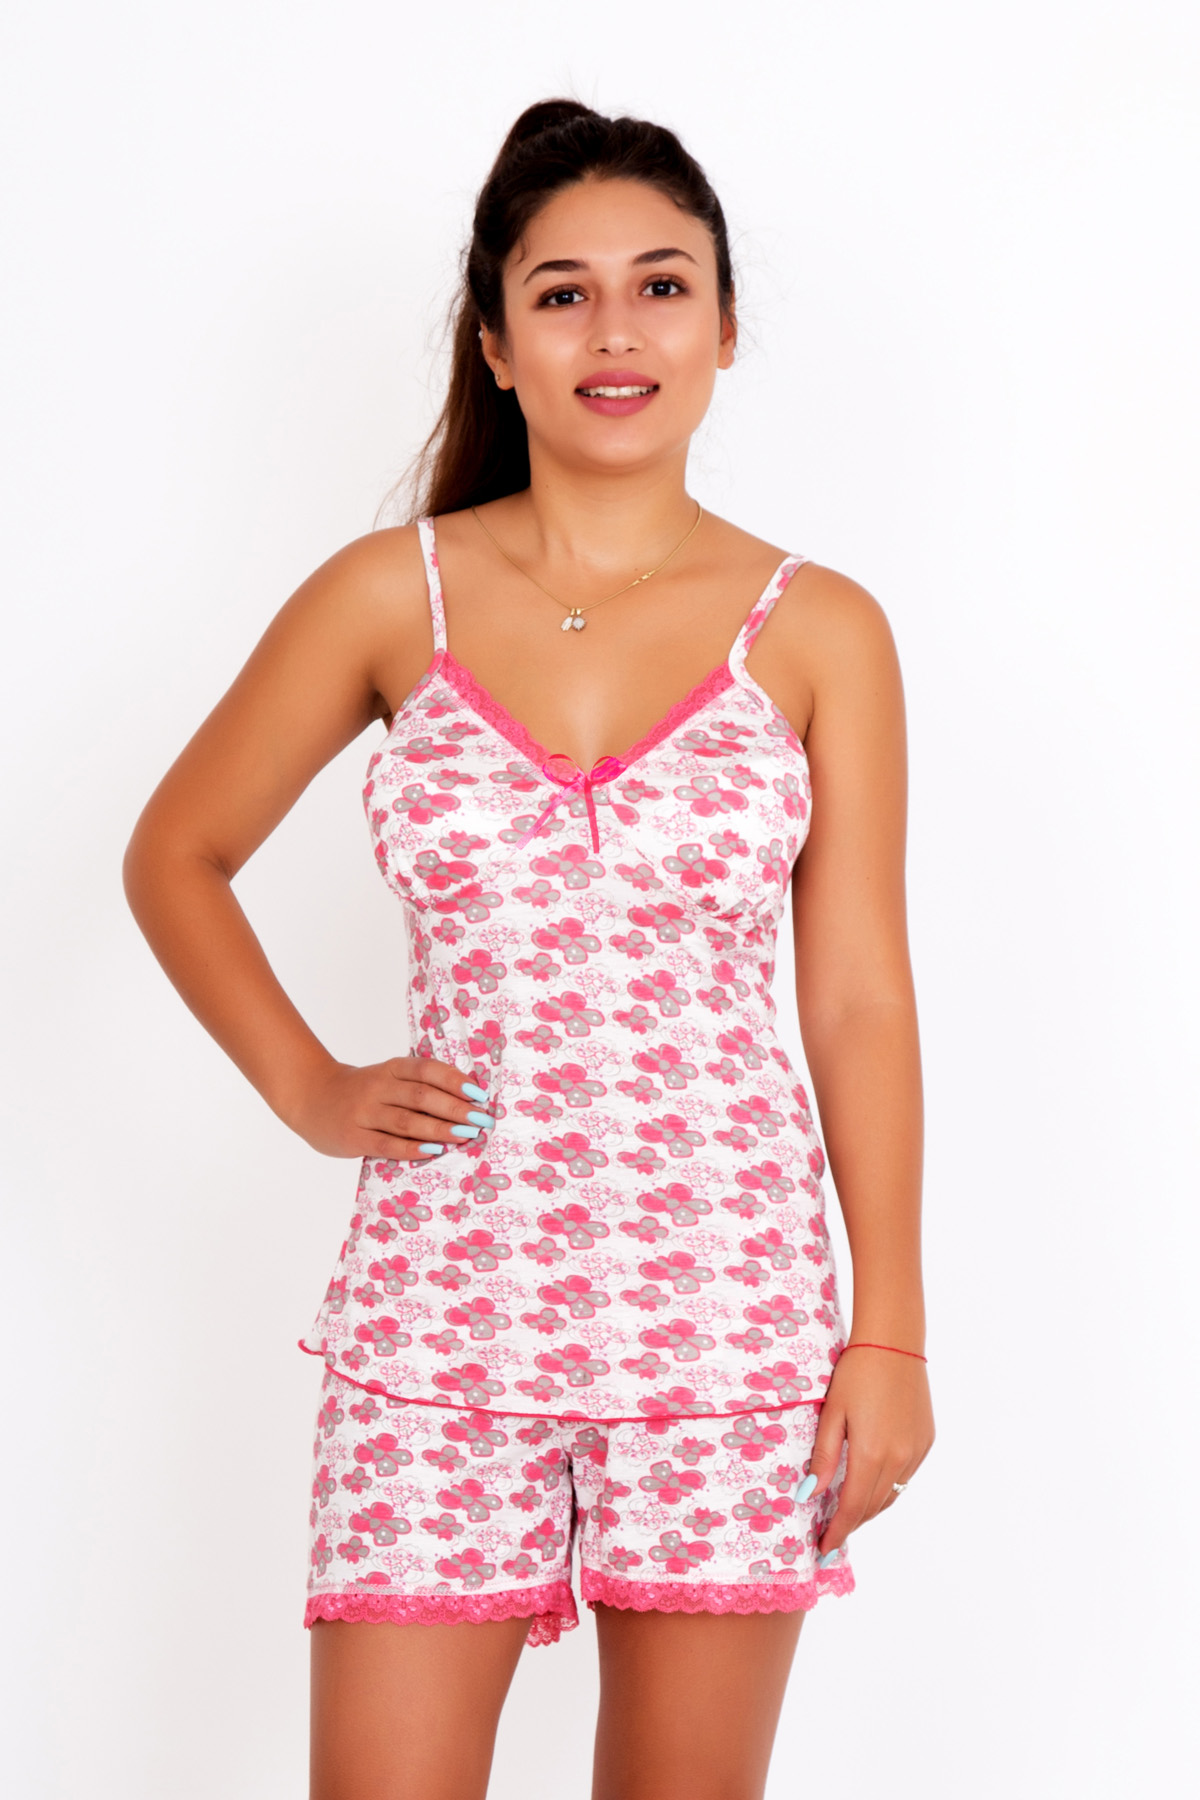 Женский пижама Капучино, размер 46Пижамы и ночные сорочки<br>Обхват груди:92 см<br>Обхват талии:74 см<br>Обхват бедер:100 см<br>Рост:167 см<br><br>Тип: Жен. костюм<br>Размер: 46<br>Материал: Вискоза